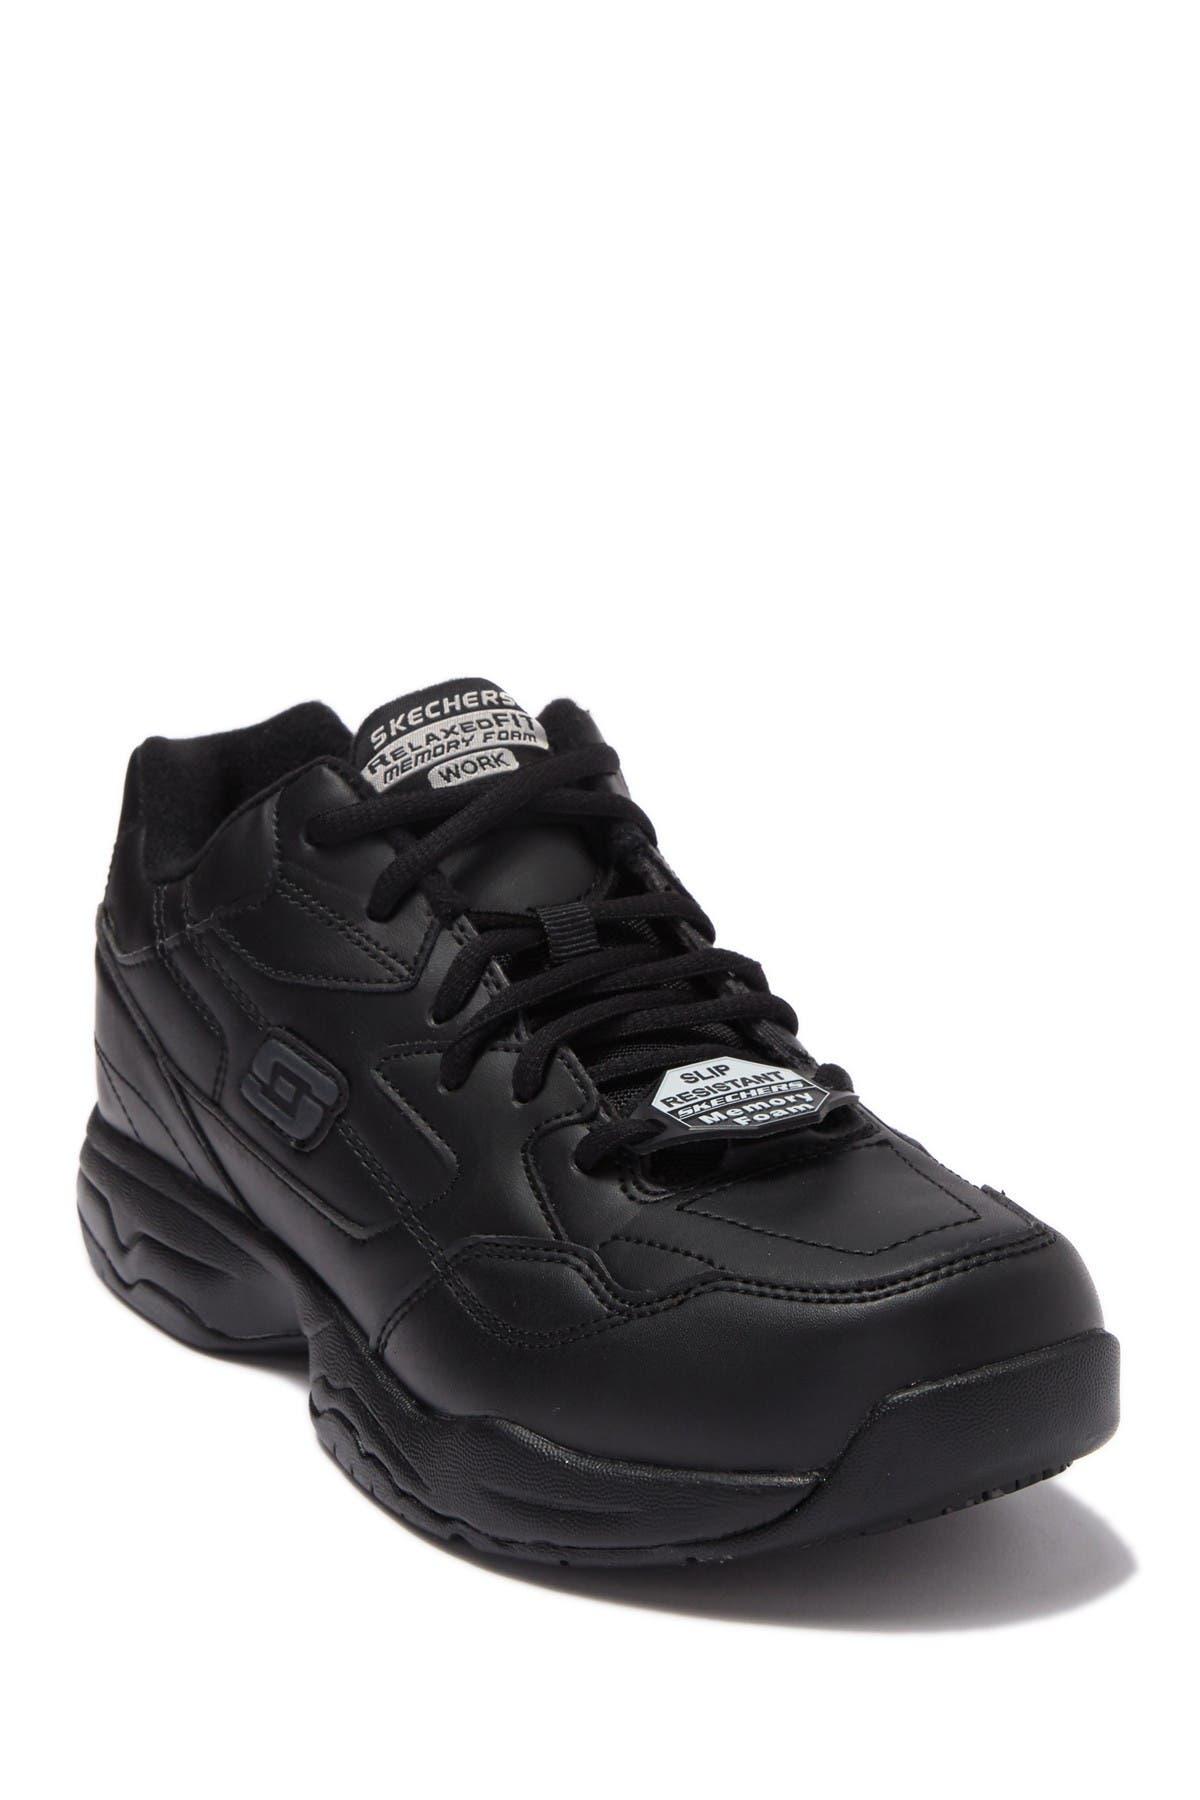 Image of Skechers Relaxed Fit Felton Slip Resistant Sneaker